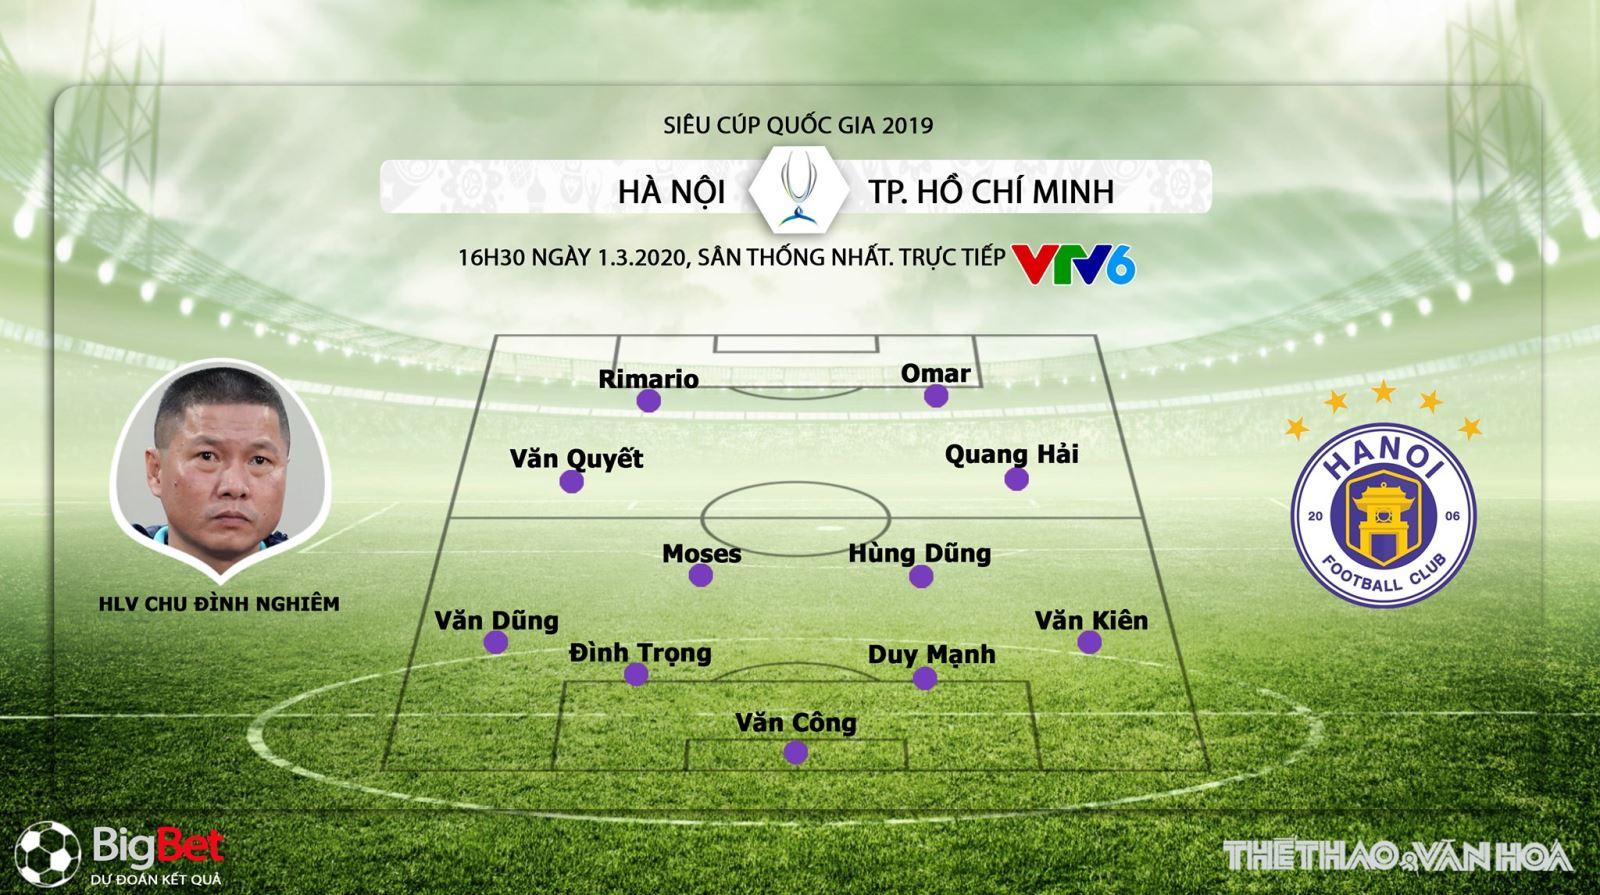 Hà Nội vs TP.HCM, Hà Nội, TP.HCM, trực tiếp Hà Nội vs TP.HCM, nhận định Hà Nội vs TP.HCM, siêu cúp quốc gia, bóng đá, VTV6, trực tiếp bóng đá, lịch thi đấu